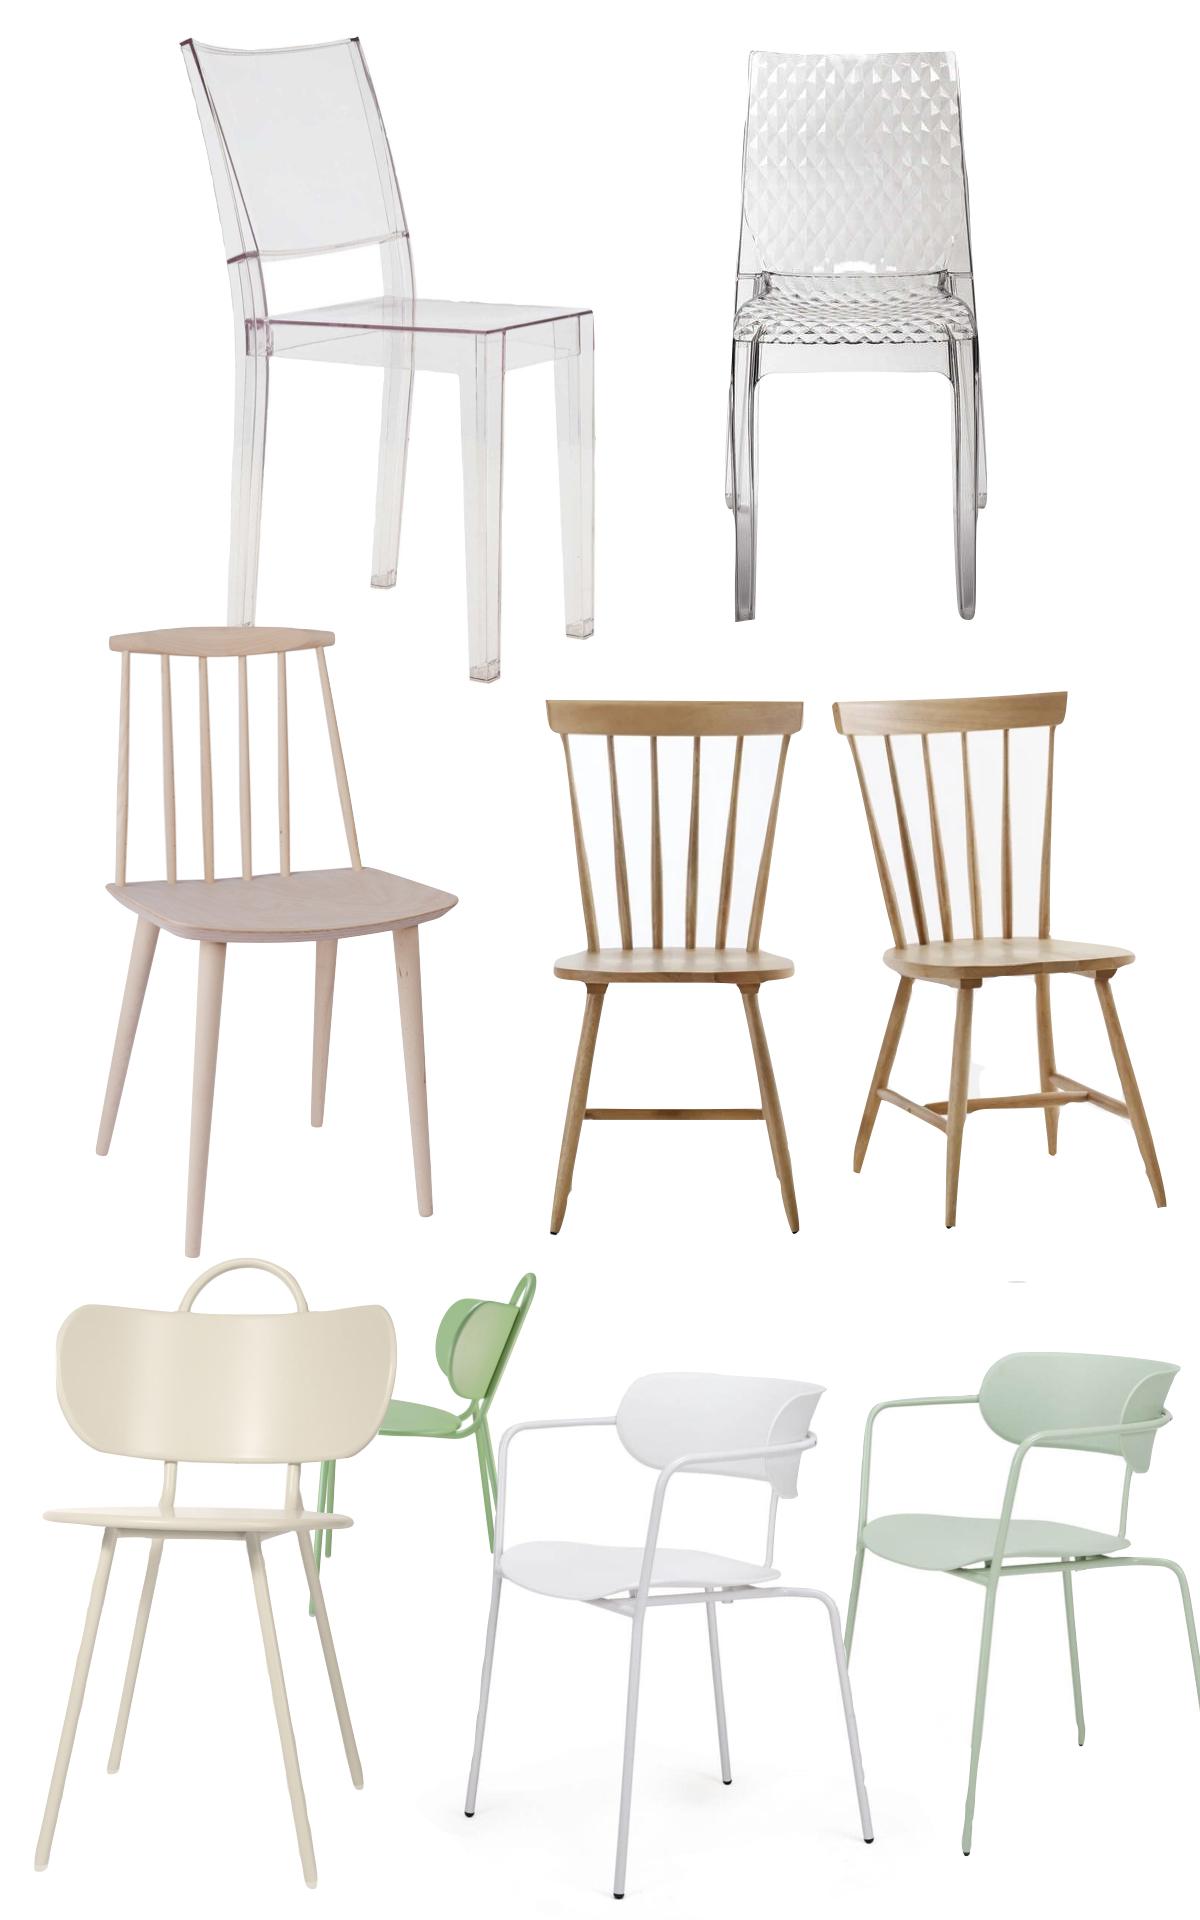 chaise originale salle à manger bois métal plastique transparente pas chère